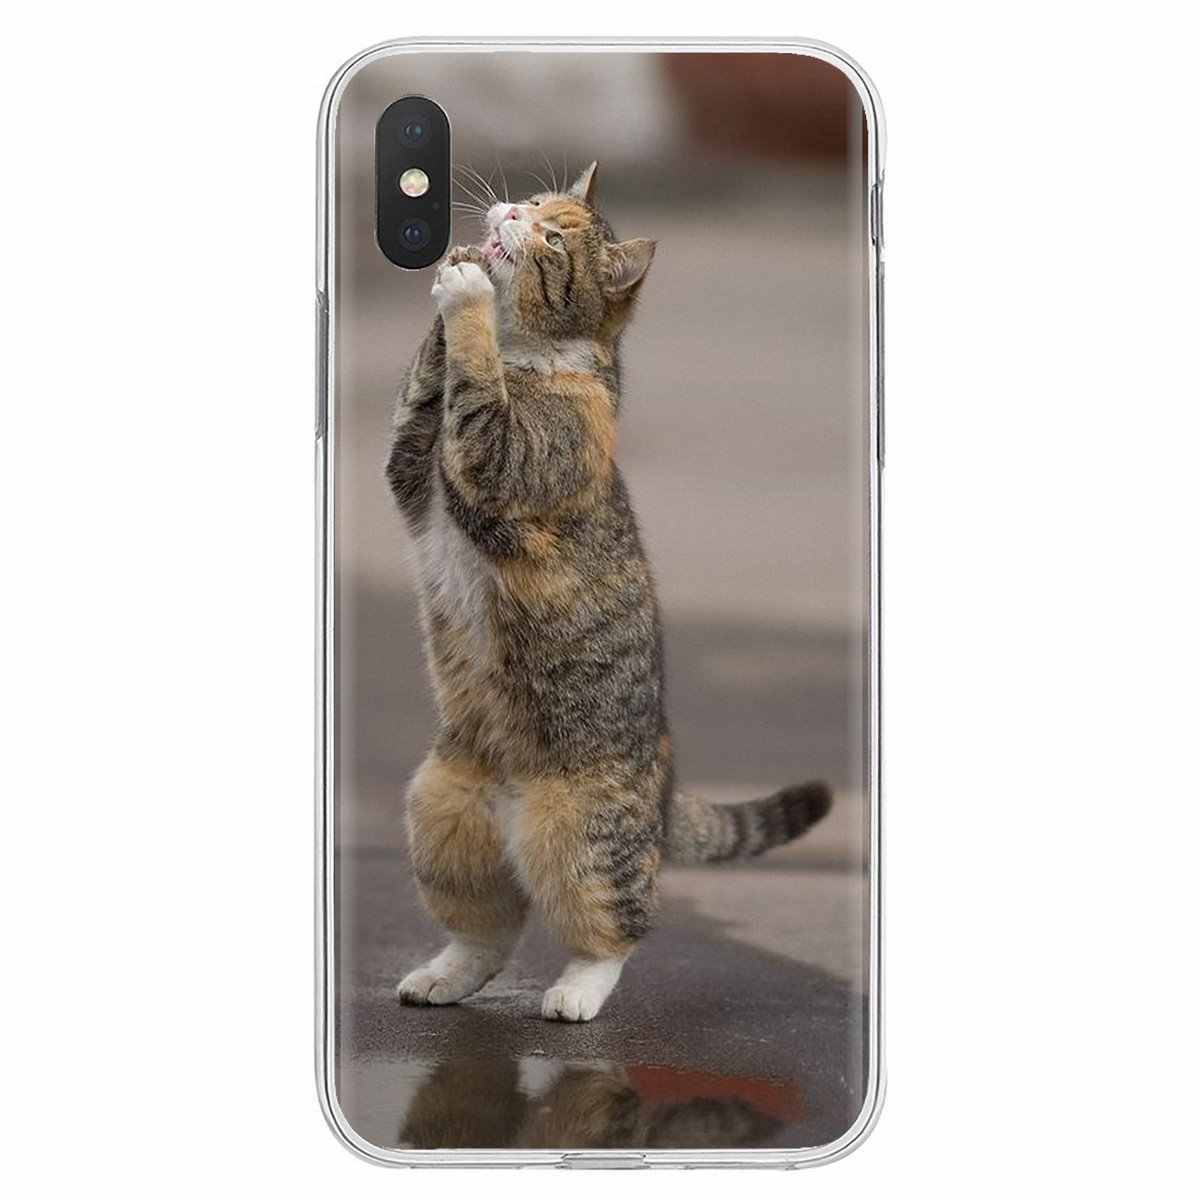 Dla Sony Xperia XA Z Z1 Z2 Z3 Z5 XZ1 XZ2 kompaktowy M2 M4 M5 C4 C6 E3 T3 dość modląc się kocięta koty plakat Z nadrukiem futerał silikonowy TPU